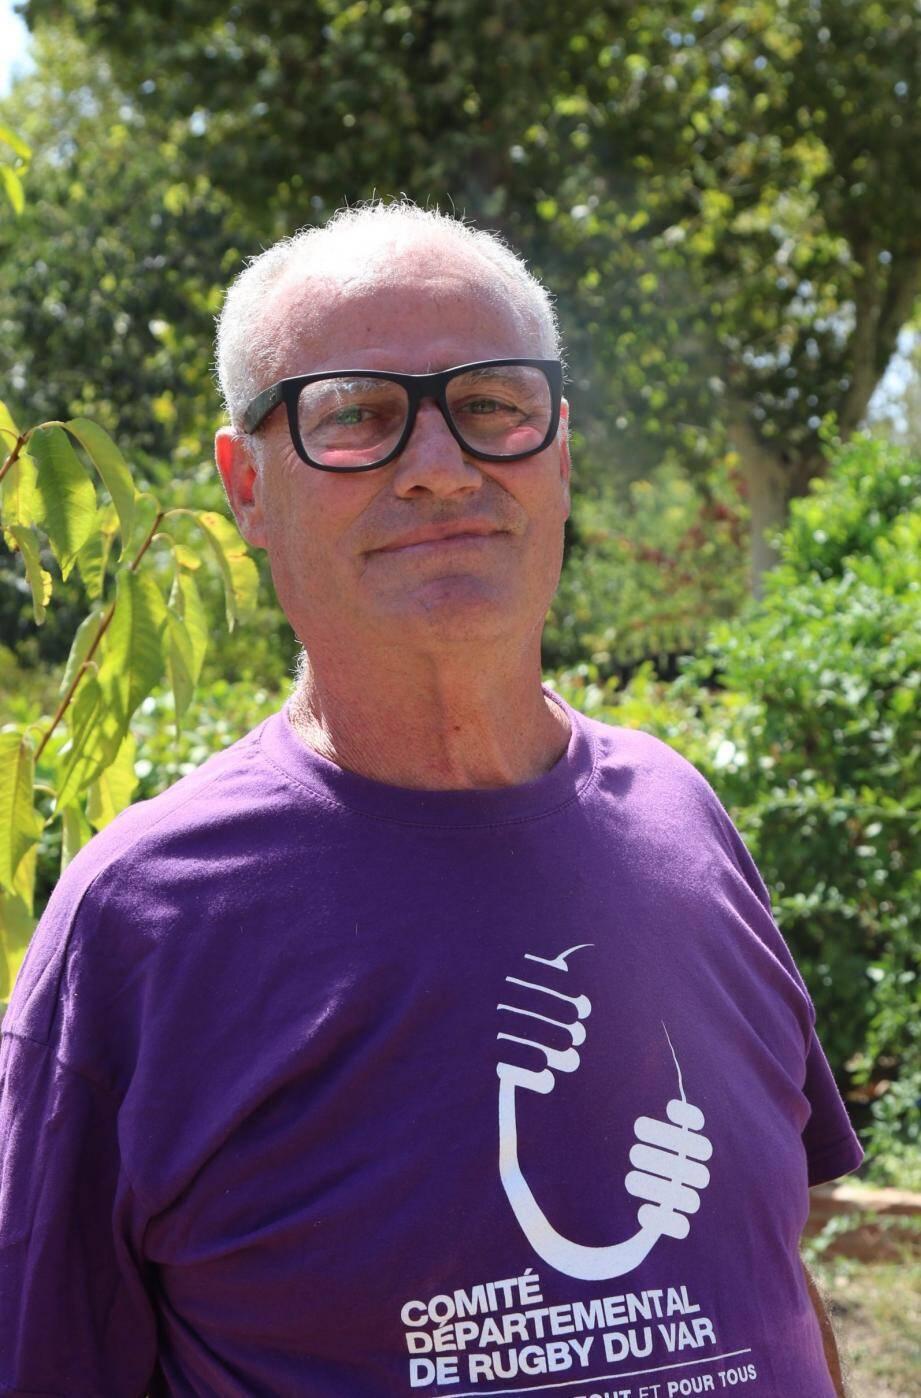 Alain Crespo, retraité revestois, a pu éviter de « faire plusieurs voyages à la déchetterie intercommunale de La Valette avec [son] véhicule. C'est pratique depuis qu'il est interdit de brûler ses déchets du jardin. »